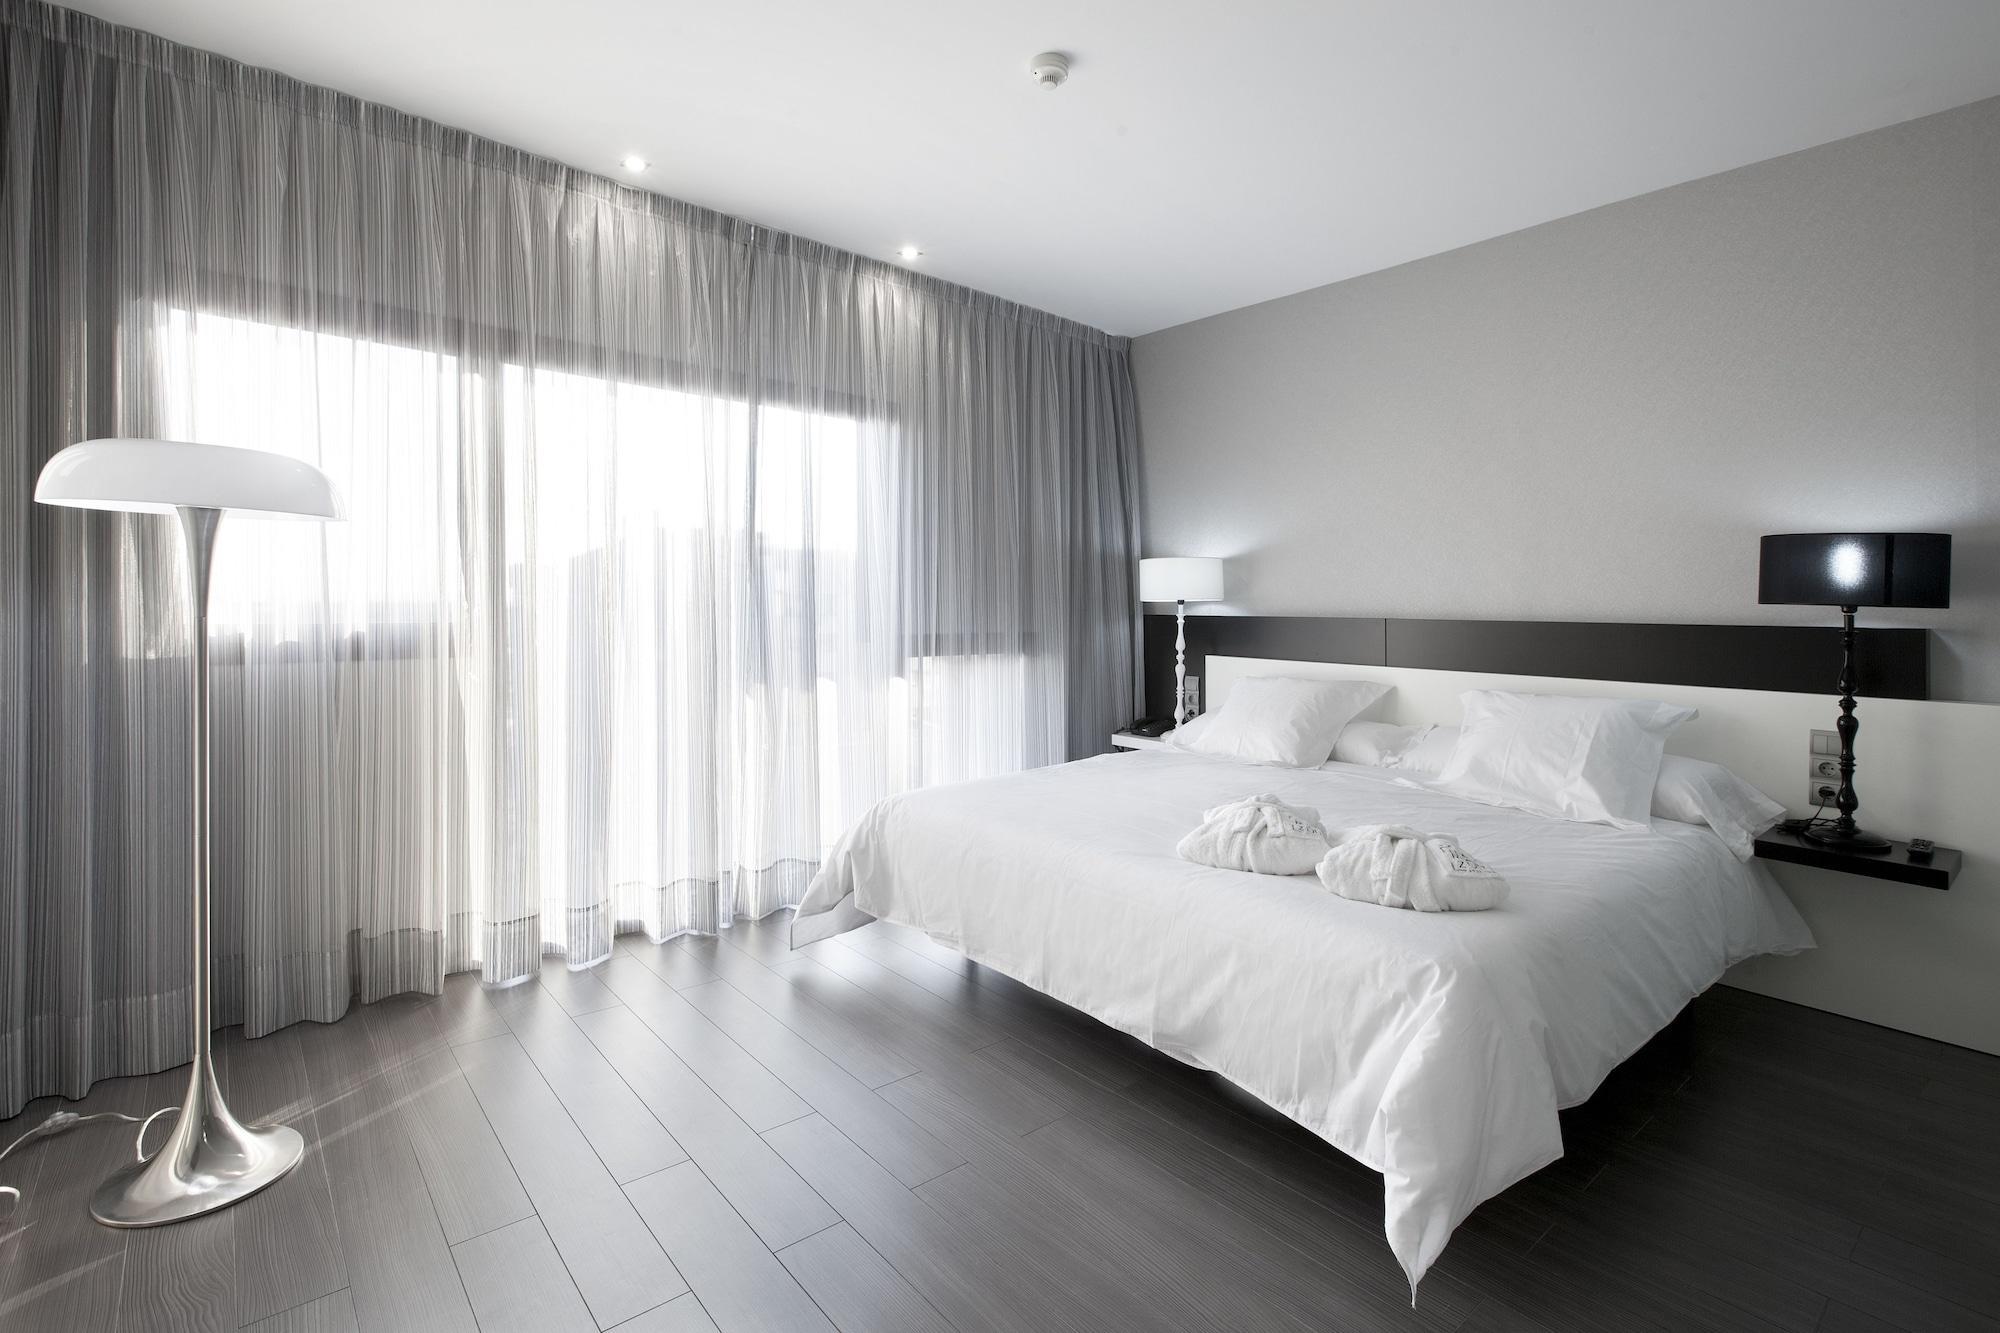 Hotel Spa Ciudad de Binefar, Binéfar - Compare Deals